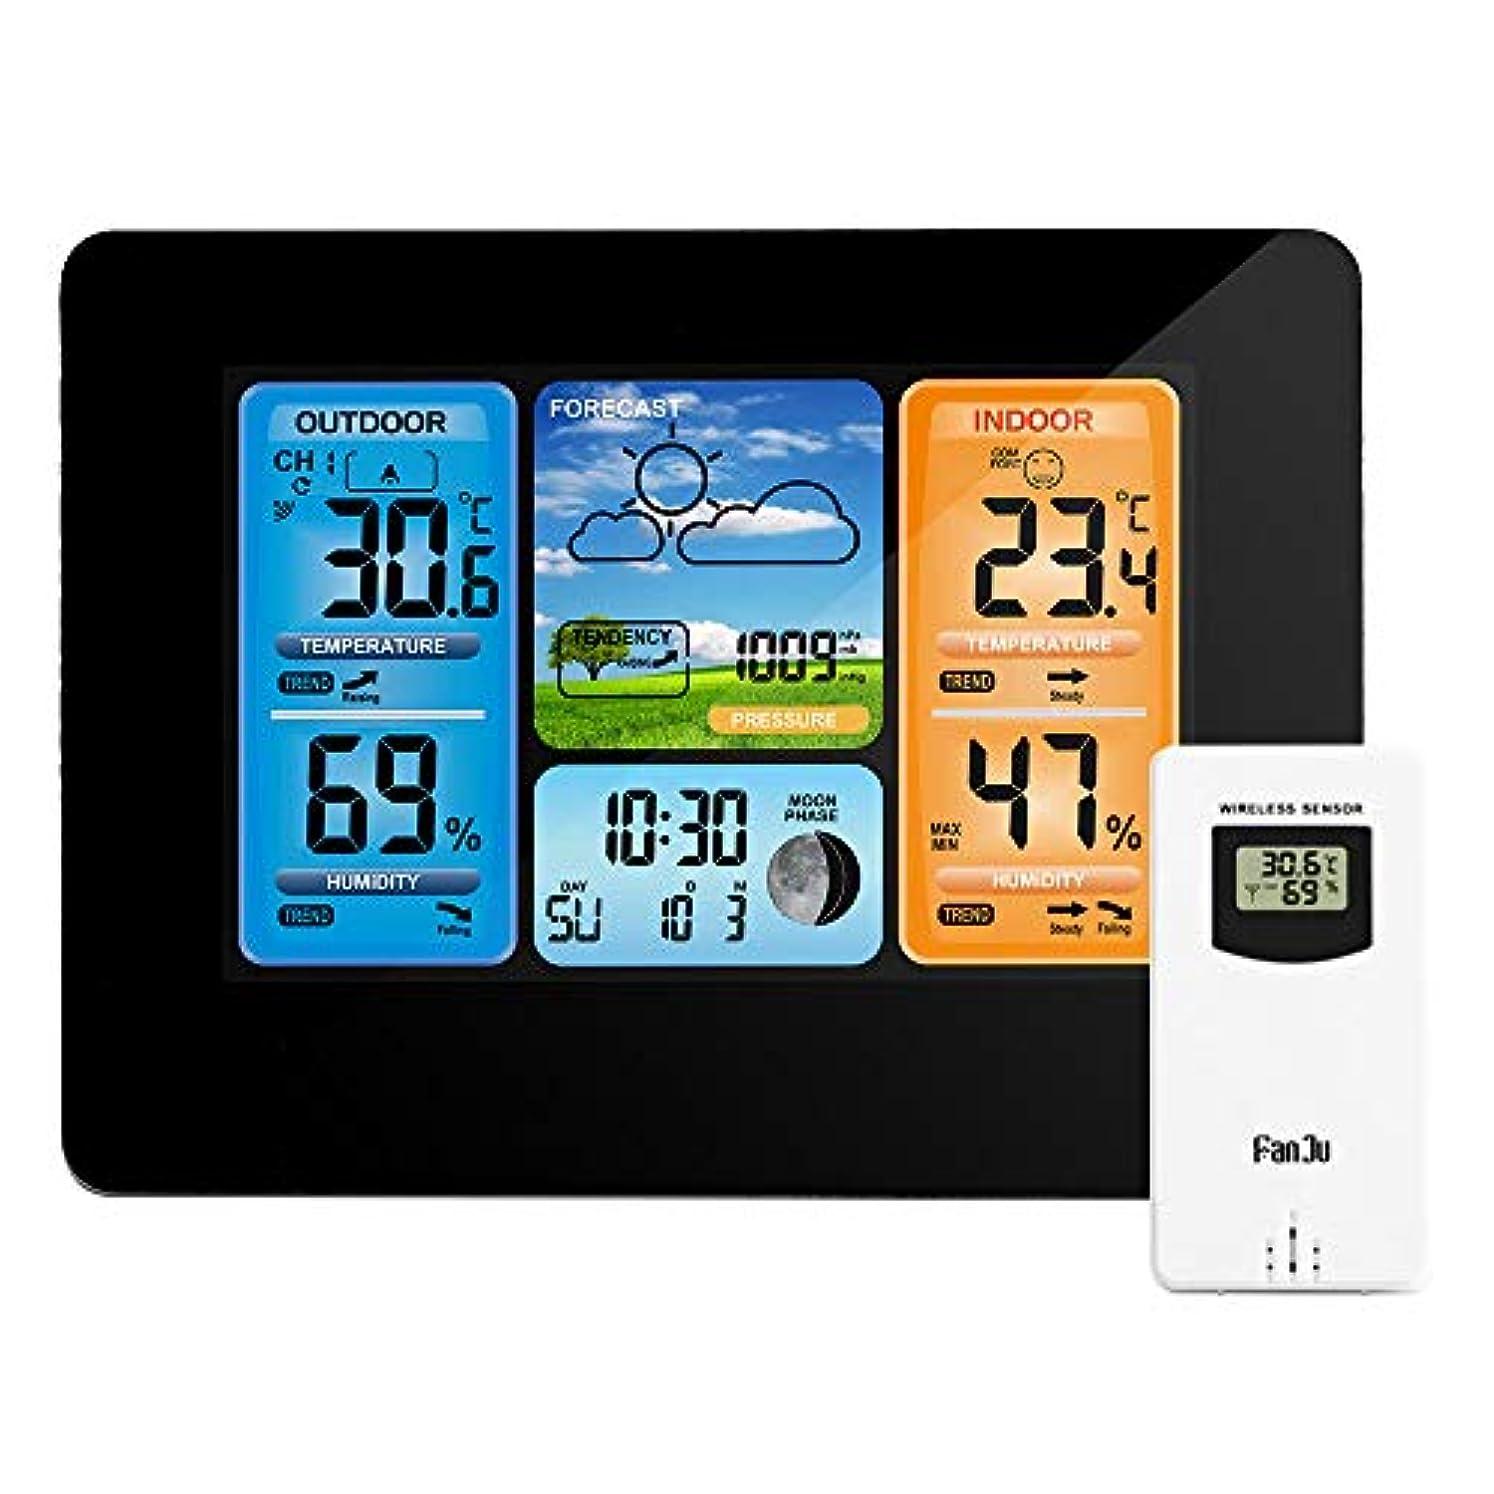 ポーンウール早める天気ステーションデジタル温度計湿度計ワイヤレスセンサー予測温度時計ウォールデスク目覚まし時計